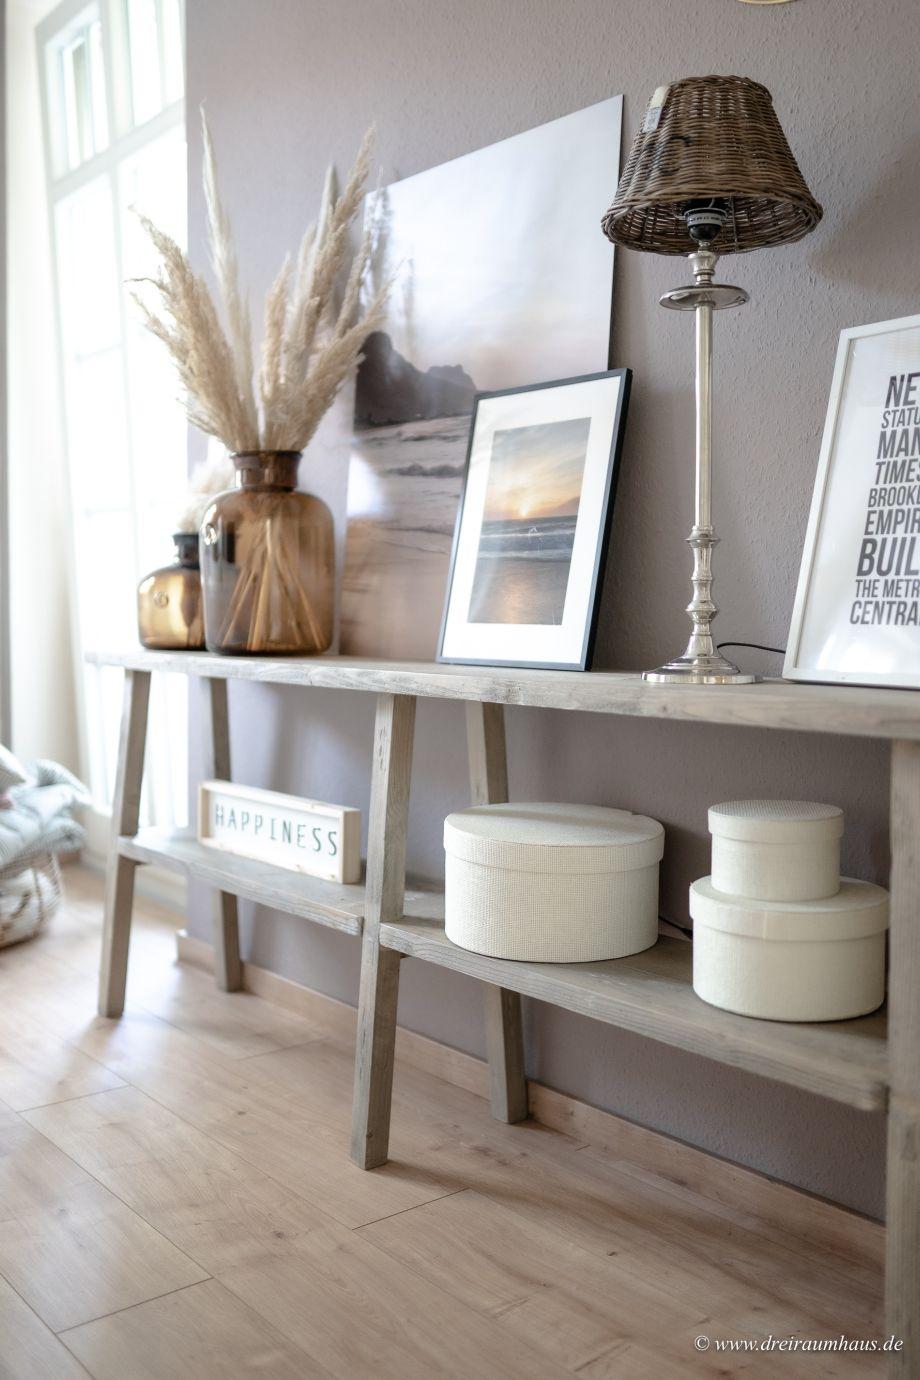 Dekosamstag: Vorher/Nachher – ein neuer Look für das Wohnzimmer!